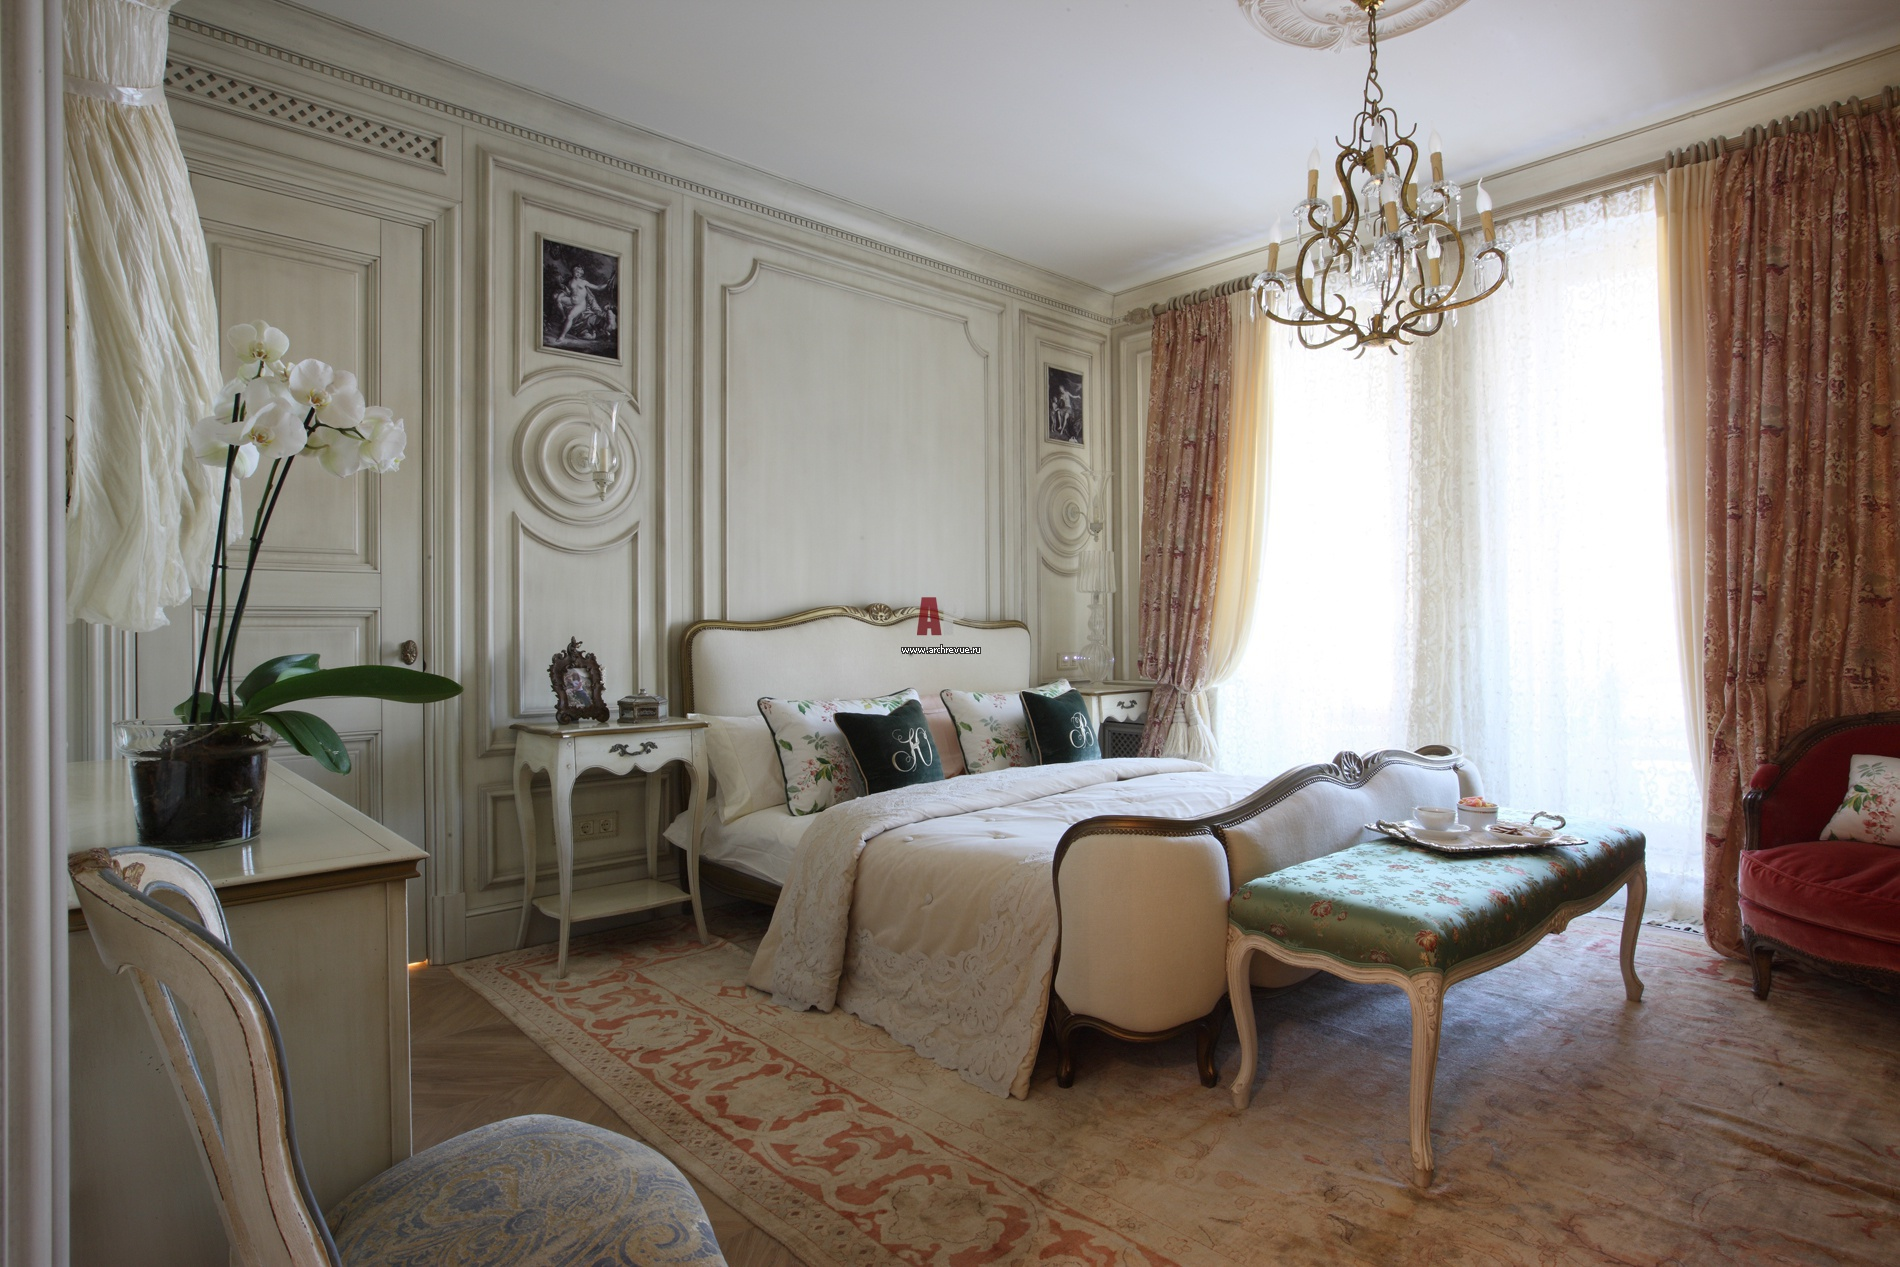 Чудесное оформление помещения в французском стиле